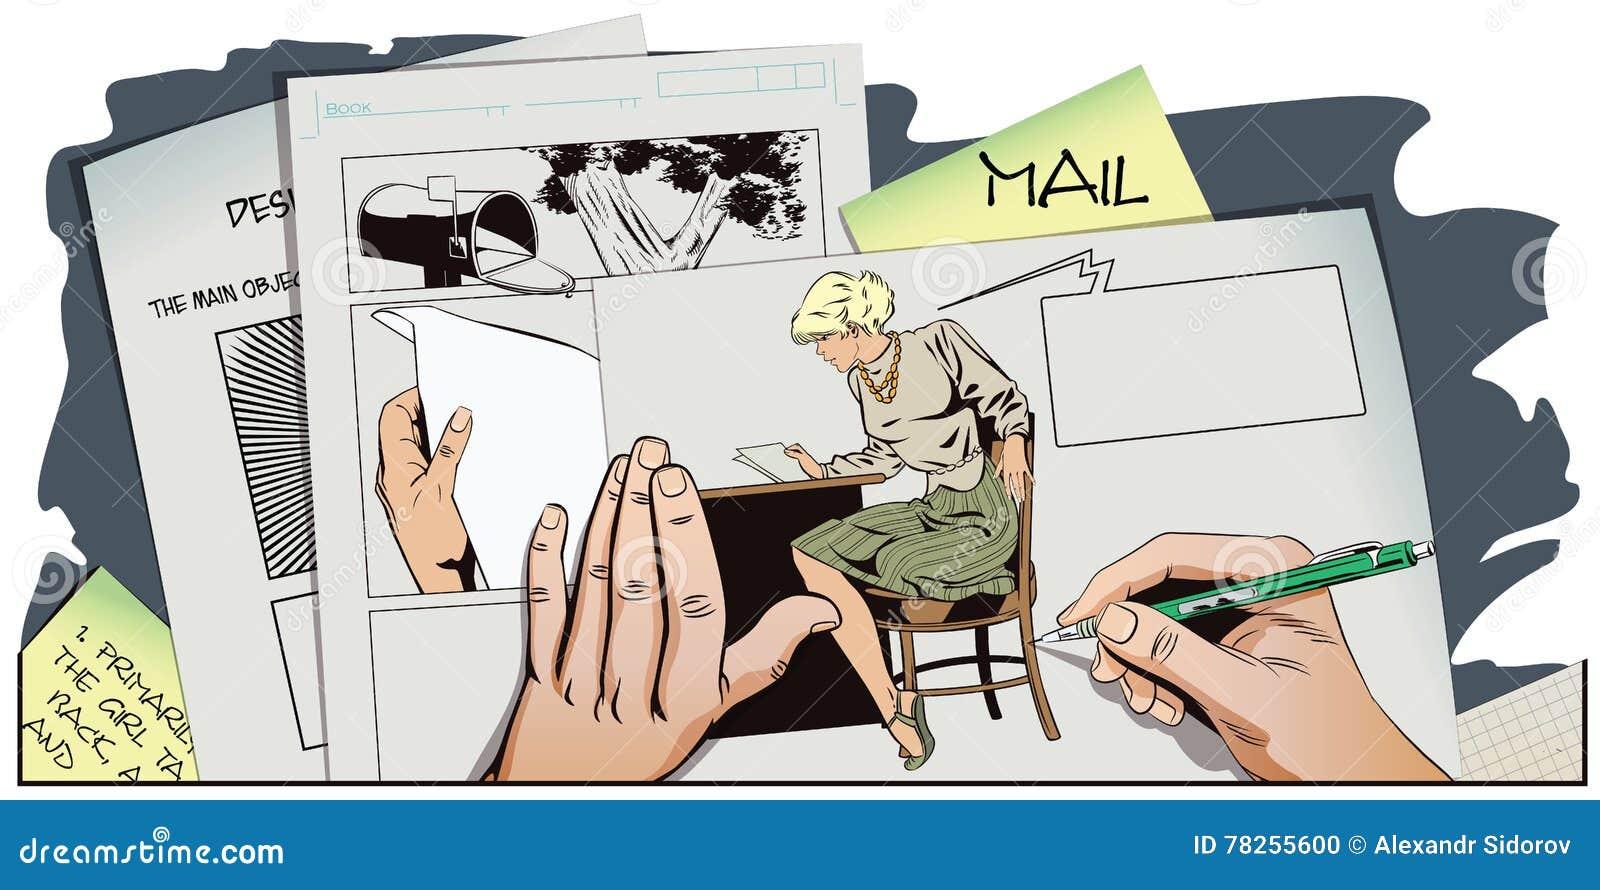 Άνθρωποι στο αναδρομικό ύφος Το κορίτσι διαβάζει την επιστολή